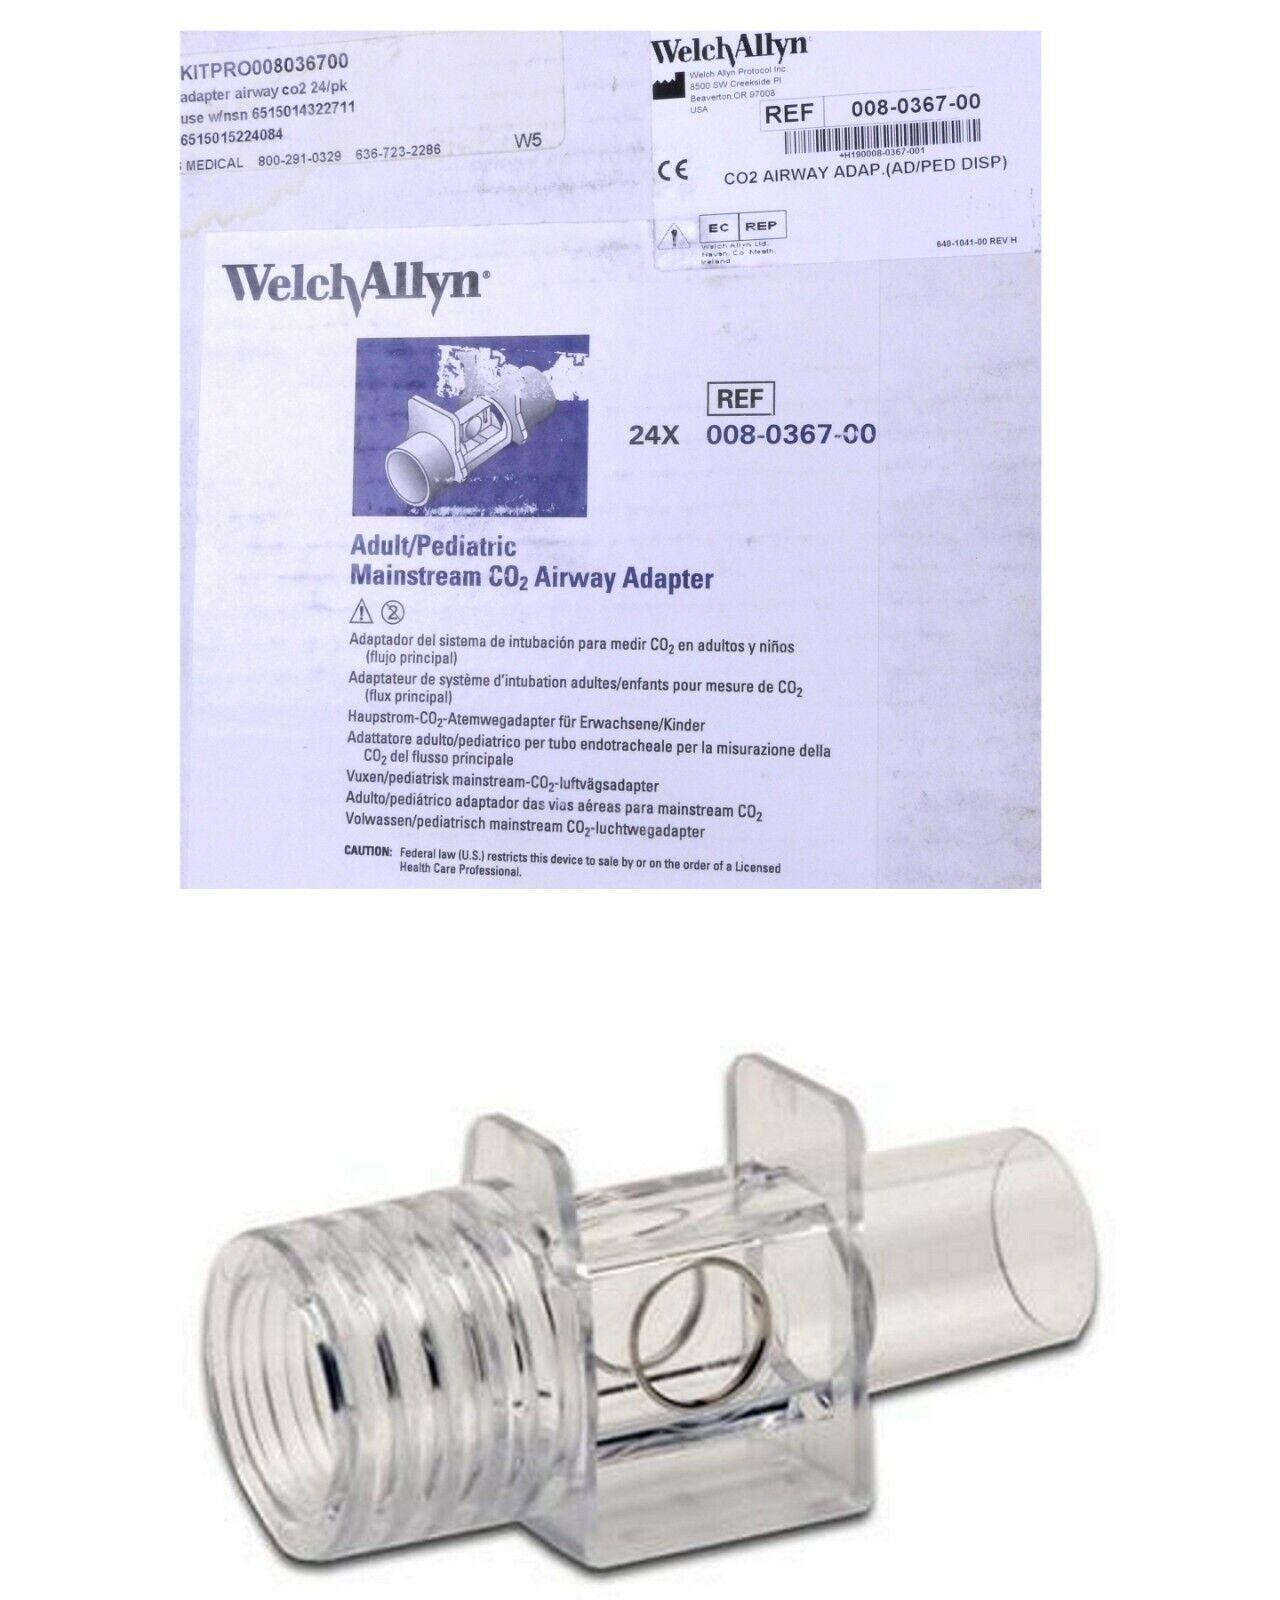 Box of 24 Welch Allyn 008-0367-00